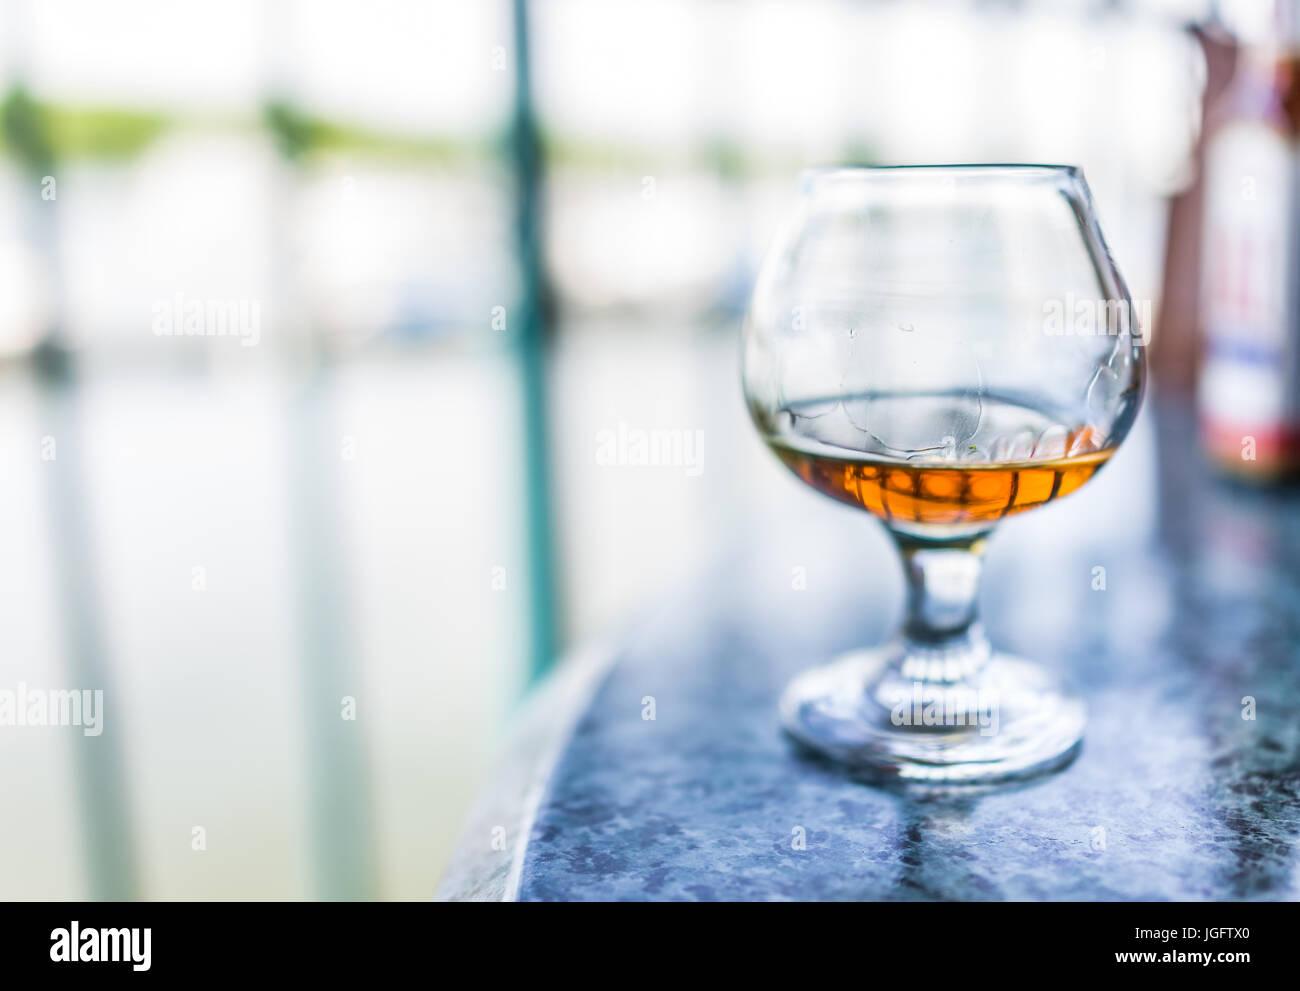 Makro Nahaufnahme von Amaretto, Rum oder Bourbon Getränk im Glas Stockbild